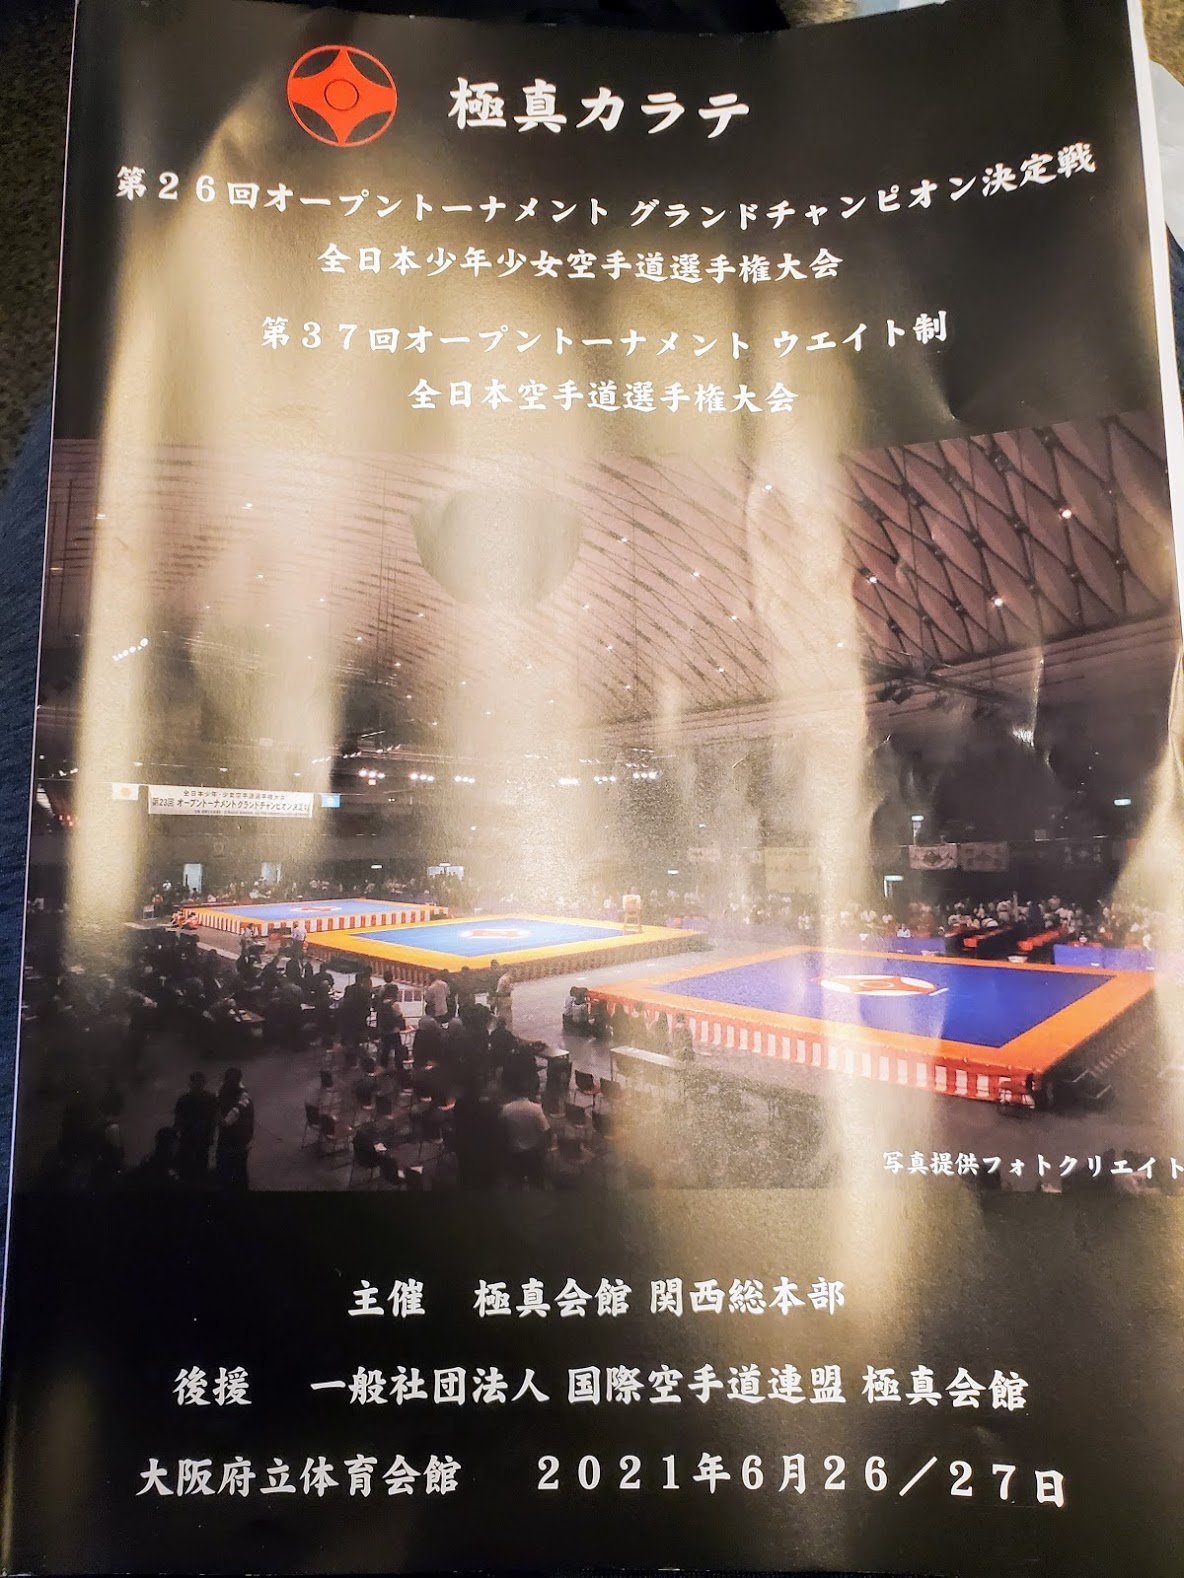 2021年6月27日極真会館第37回オープントーナメントウェイト制全日本空手道選手権大会一般男子重量級の部志琉会辻英達